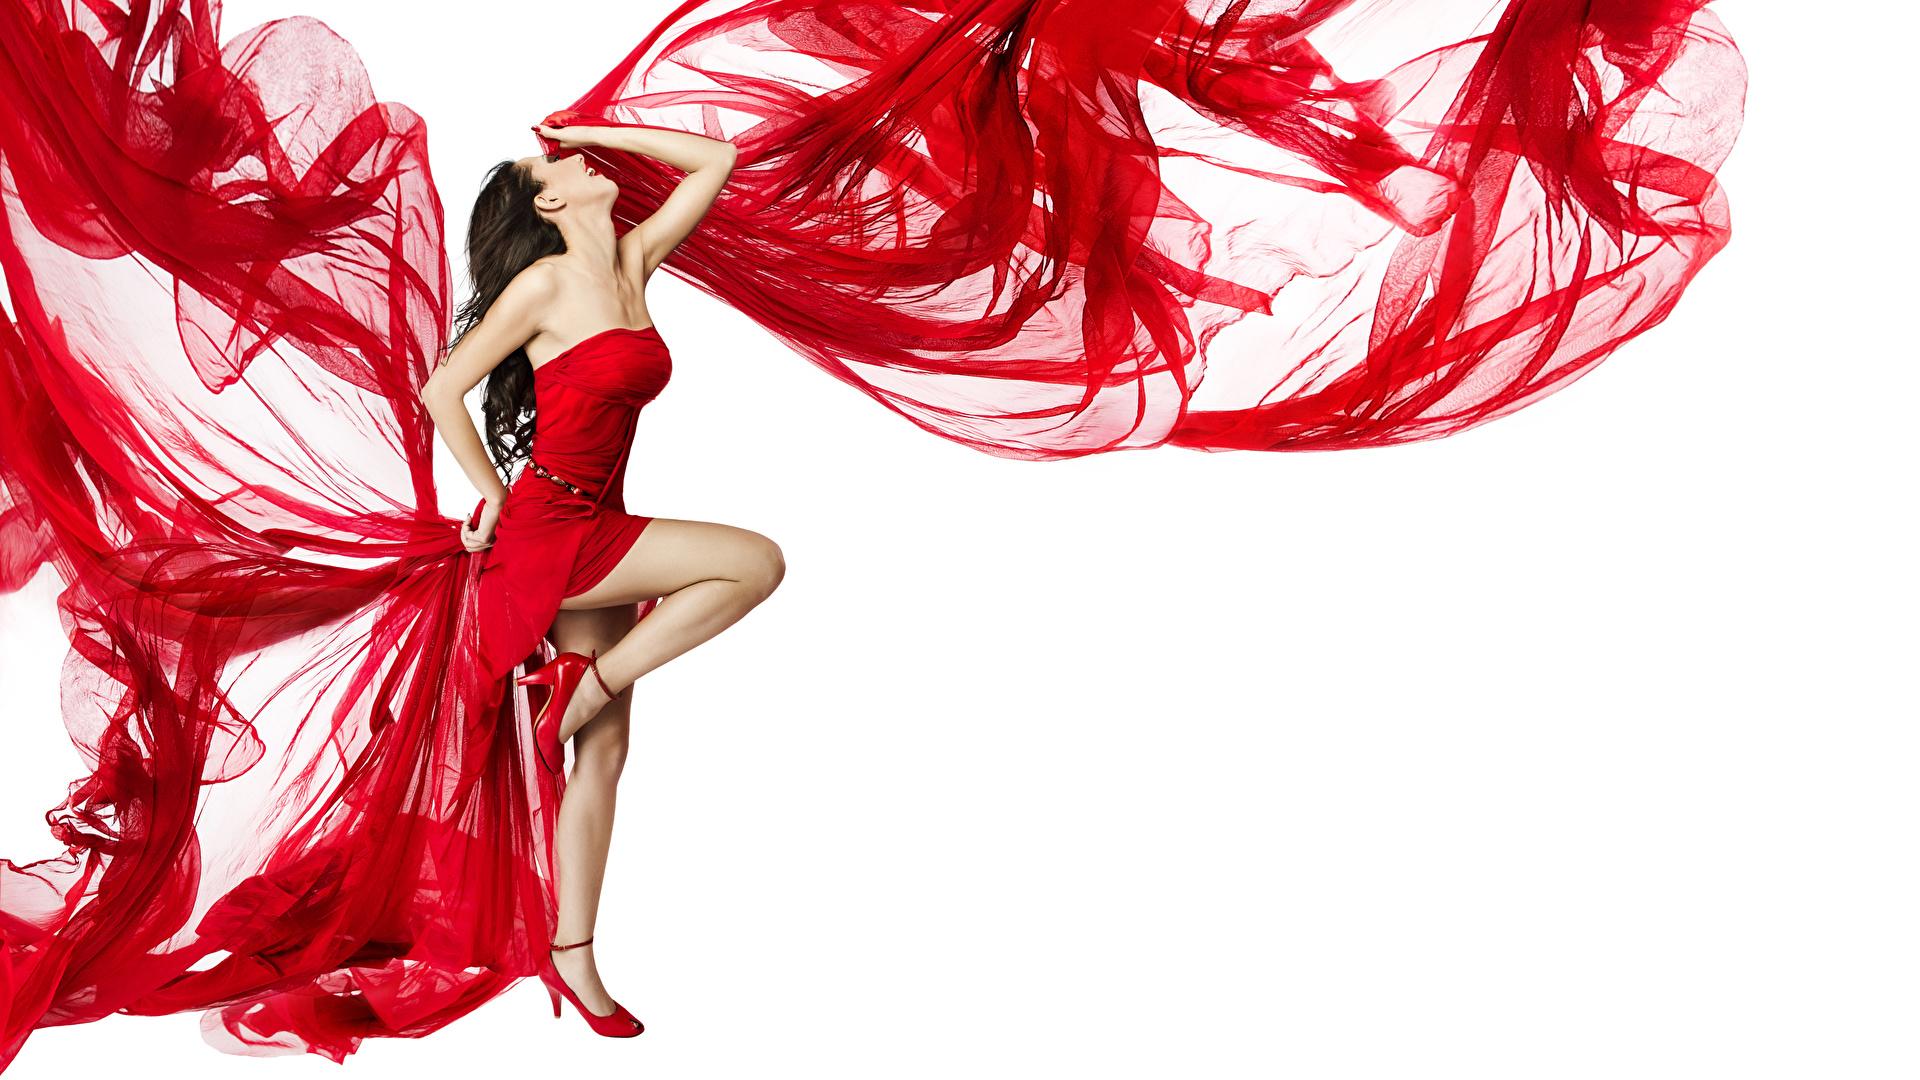 Hintergrundbilder Braune Haare Tanzen Mädchens Bein Weißer hintergrund Kleid 1920x1080 Braunhaarige Tanz